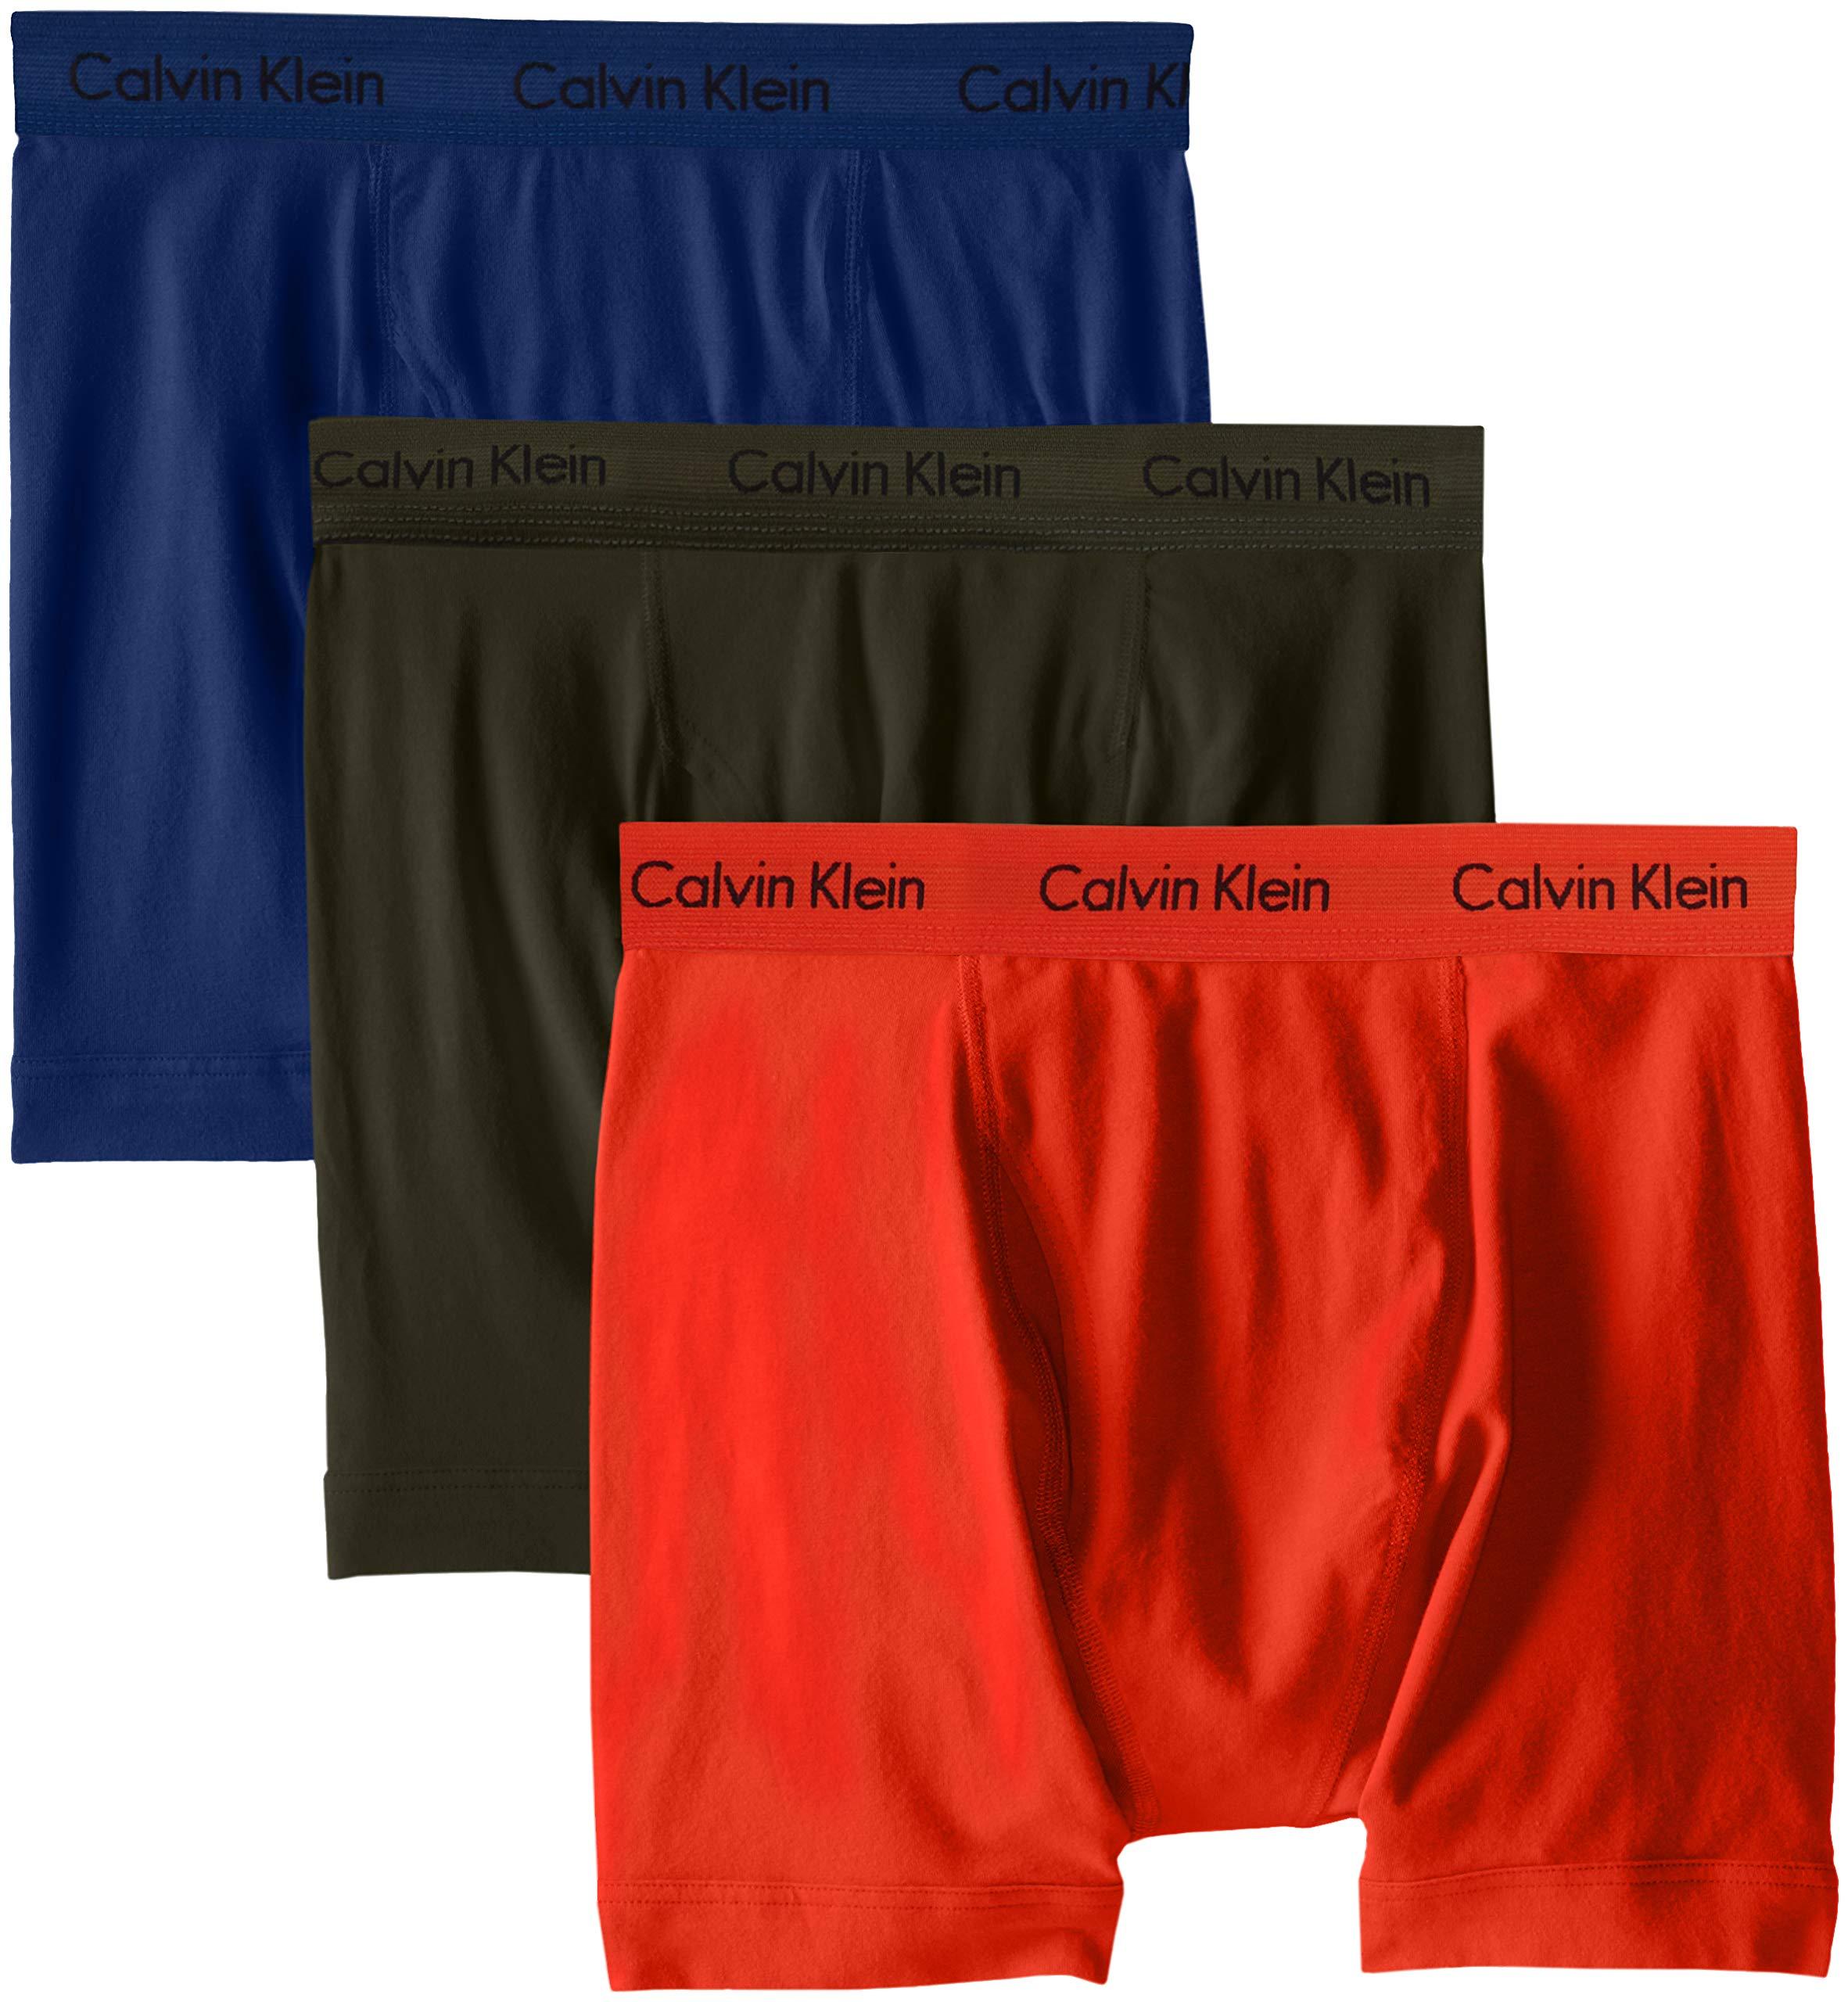 Calvin Klein Men's Cotton Stretch 3 Pack Boxer Briefs, Forest Dark Night/Spicy Orange, L